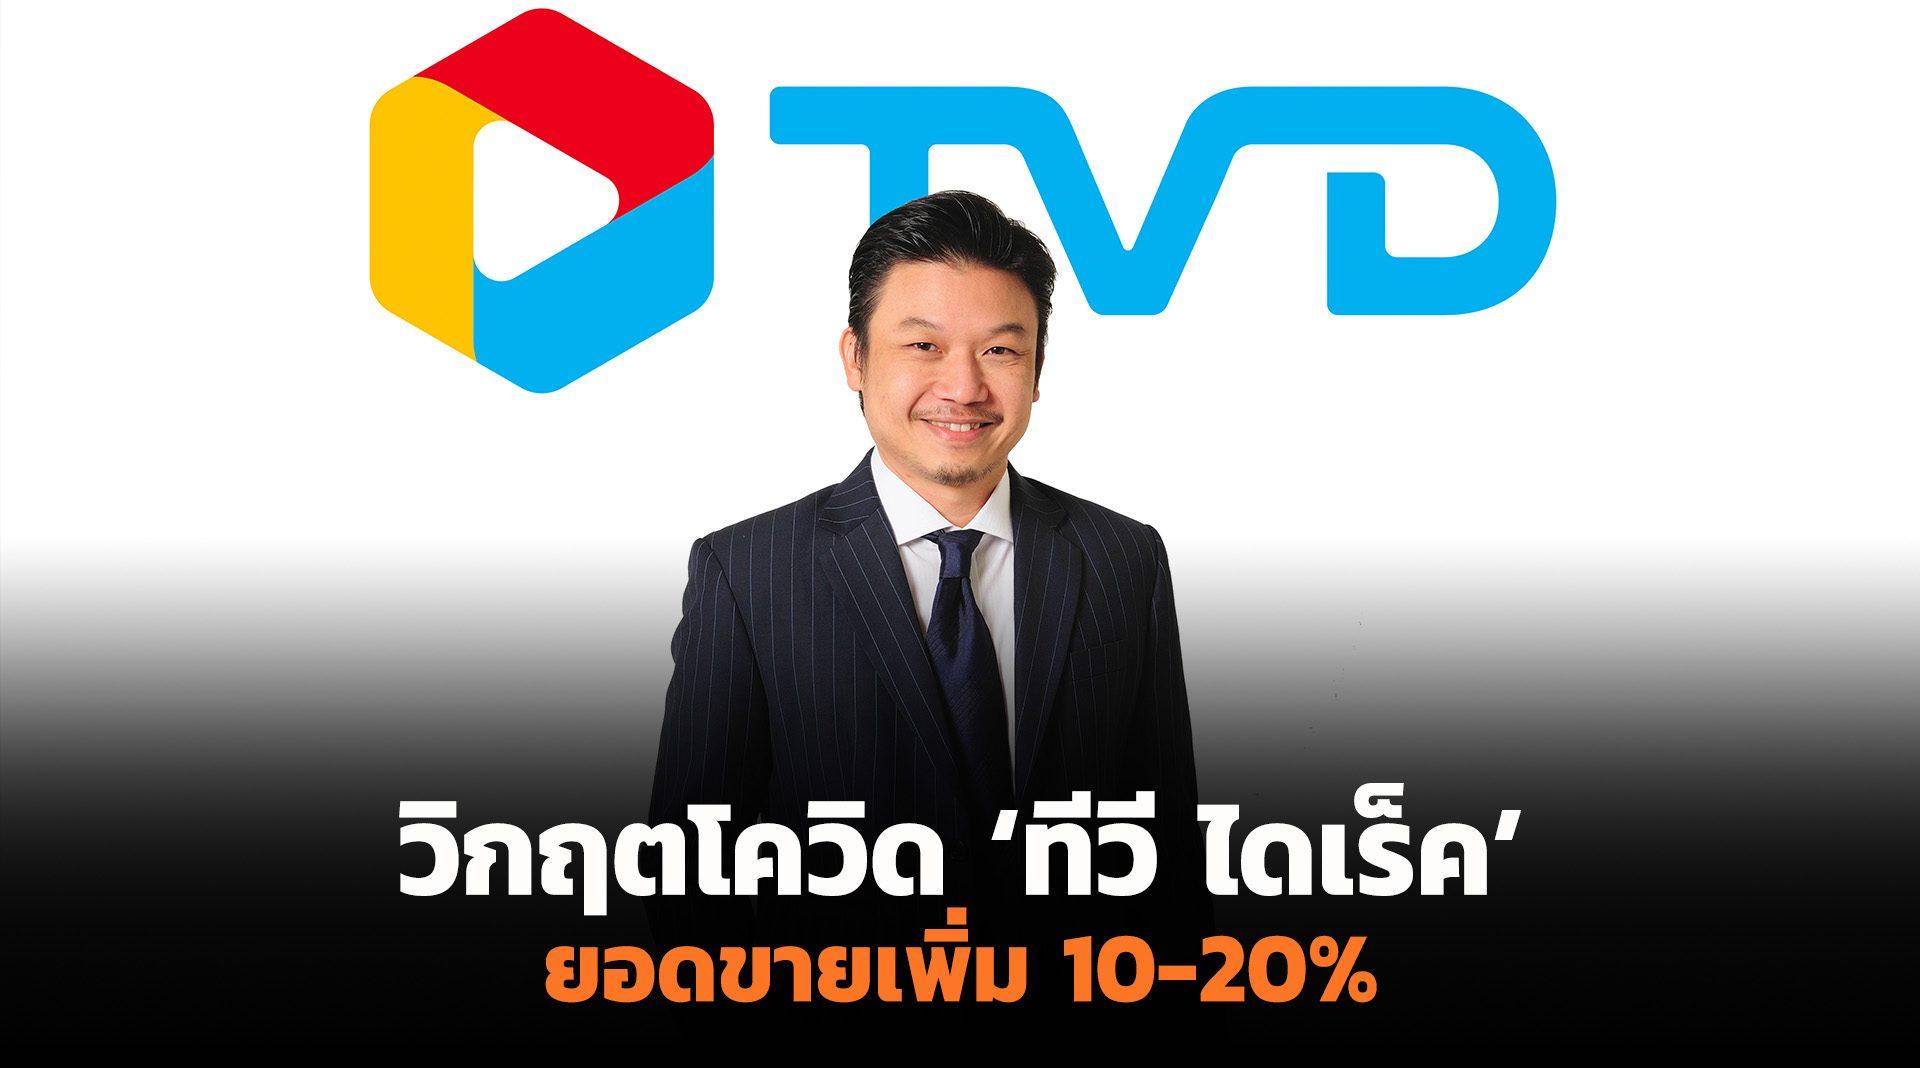 วิกฤตโควิด 'ทีวี ไดเร็ค' ยอดขายเพิ่ม 10-20%